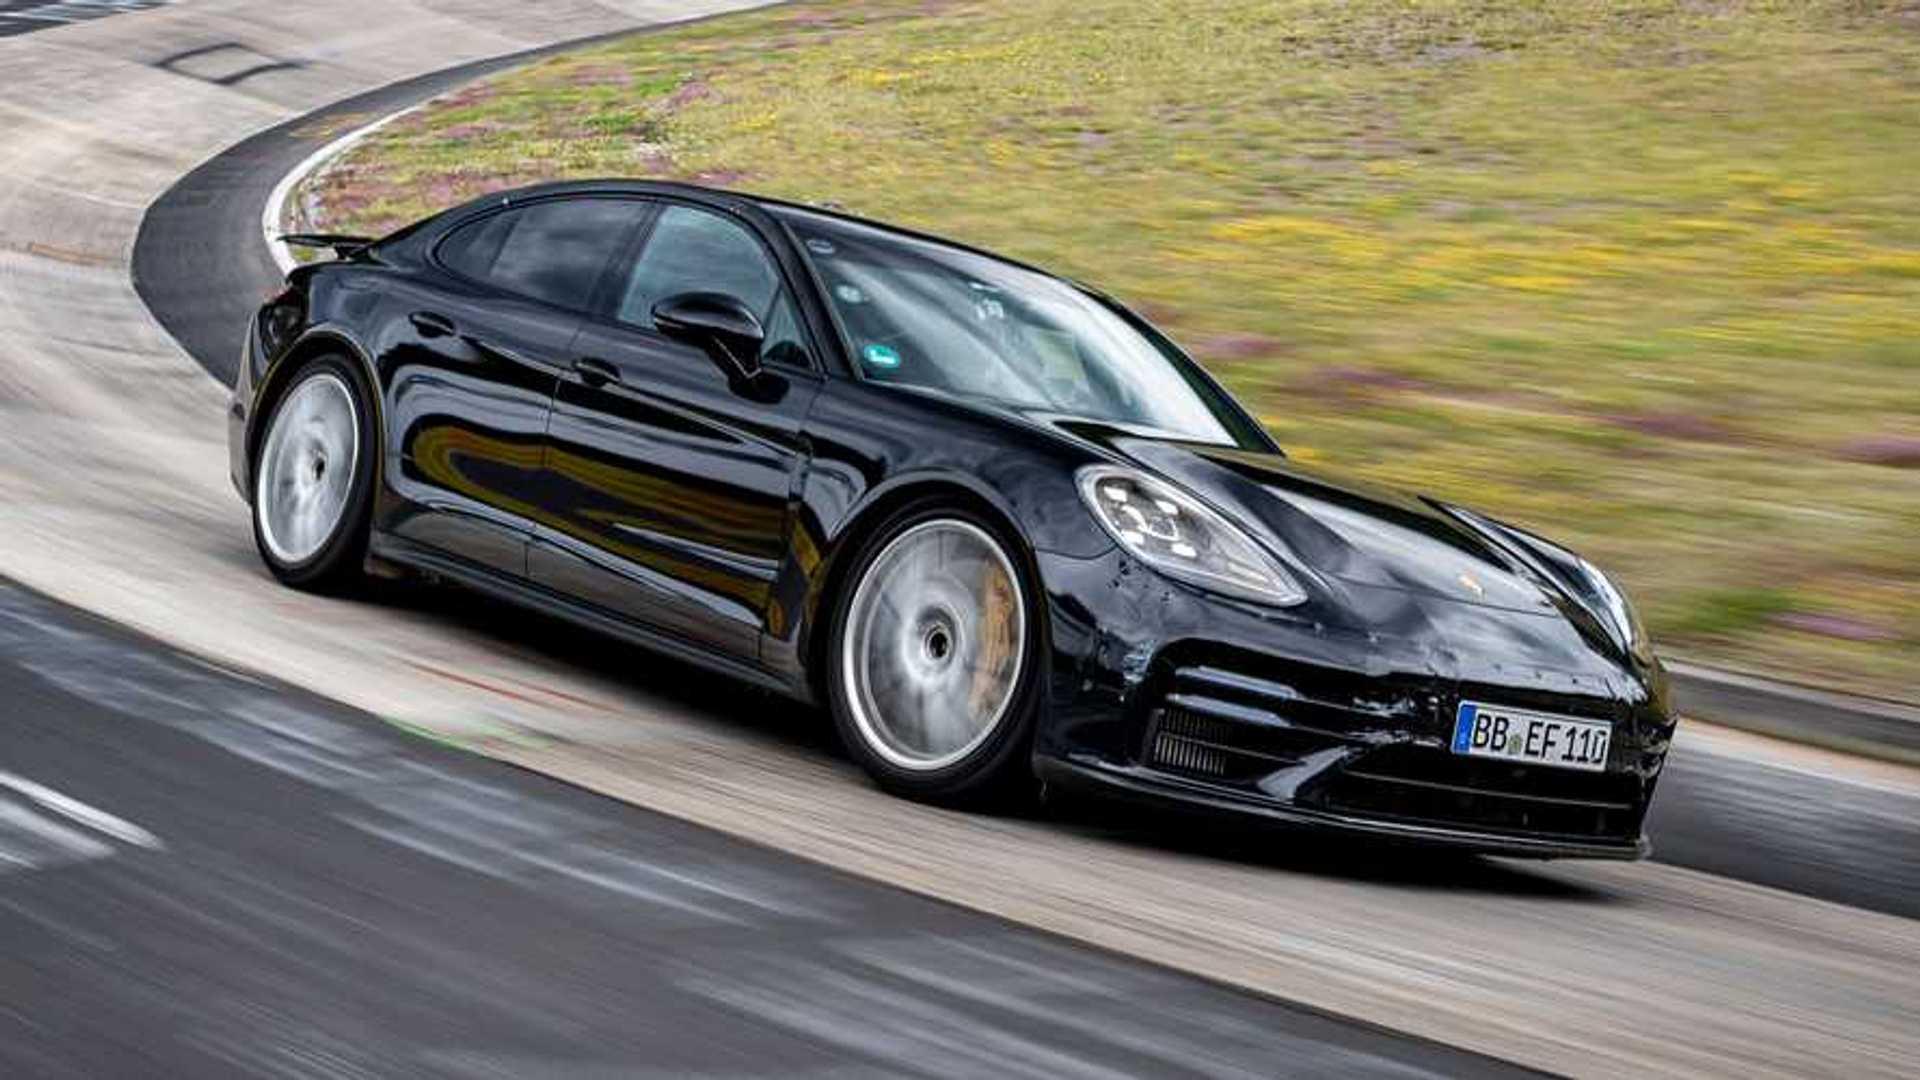 El Porsche Panamera, la berlina más rápida en Nürburgring Nordschleife